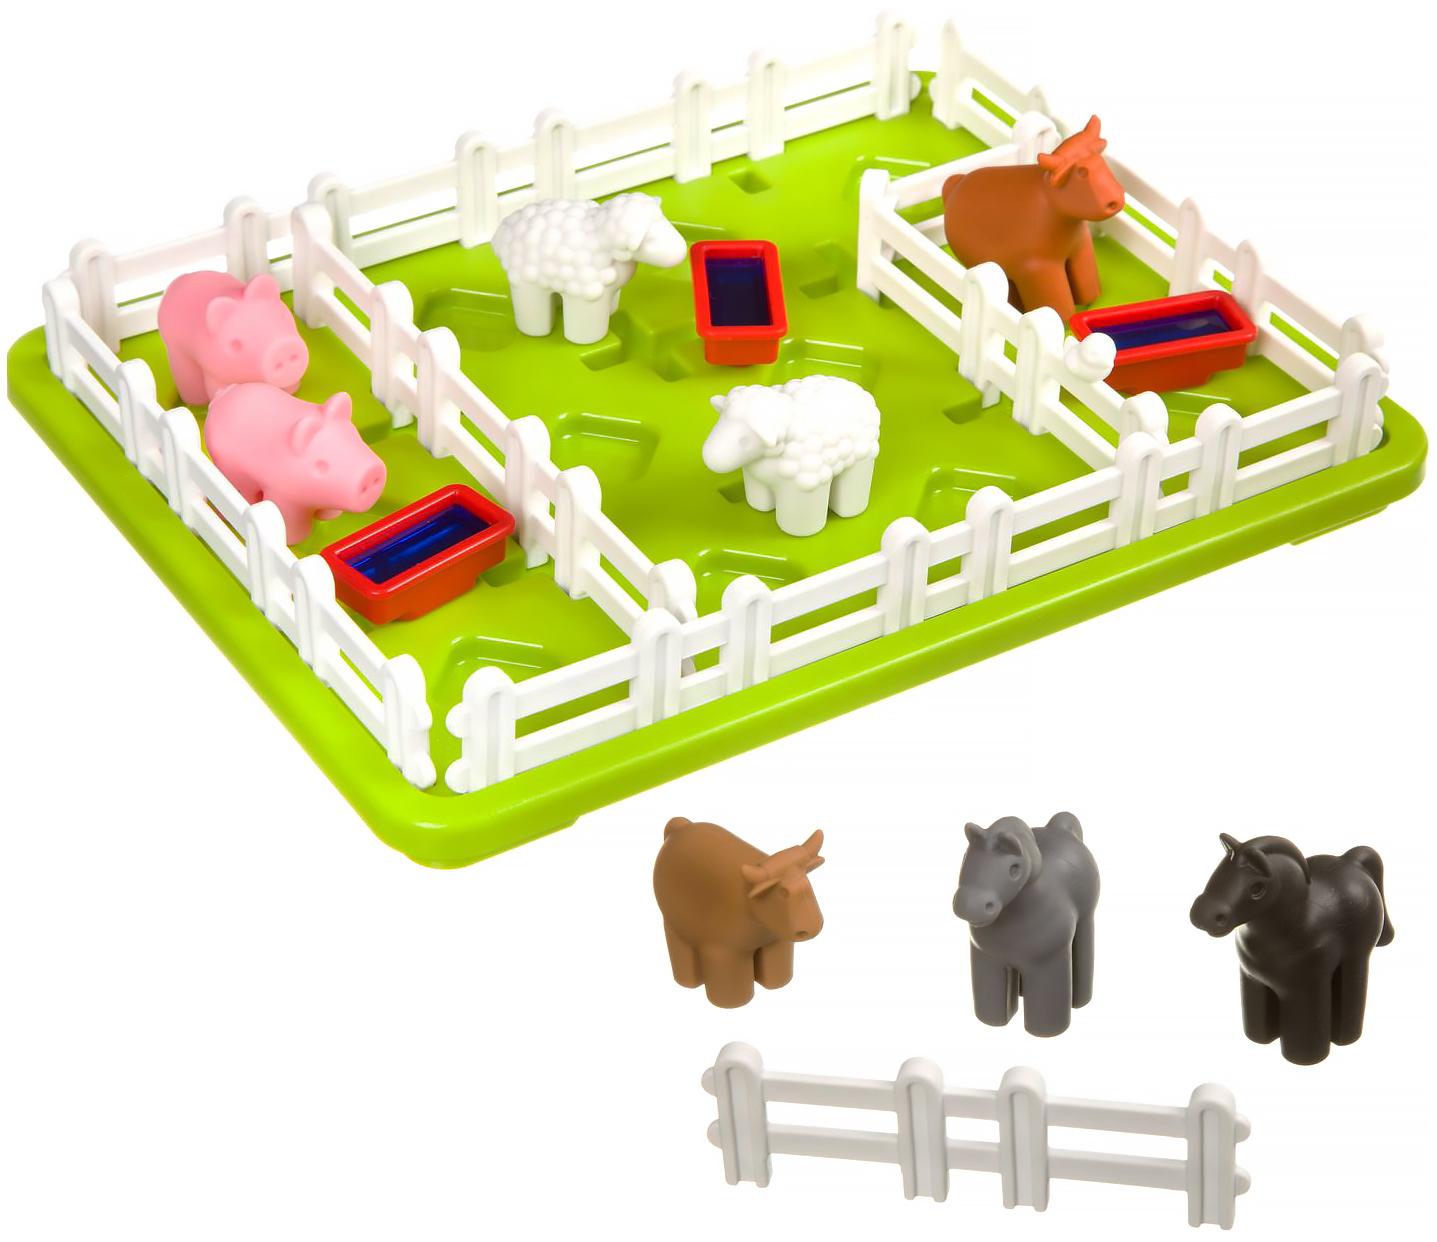 Купить Логическая игра Bondibon Умный фермер арт. SG 091 RU., Игрушки головоломки